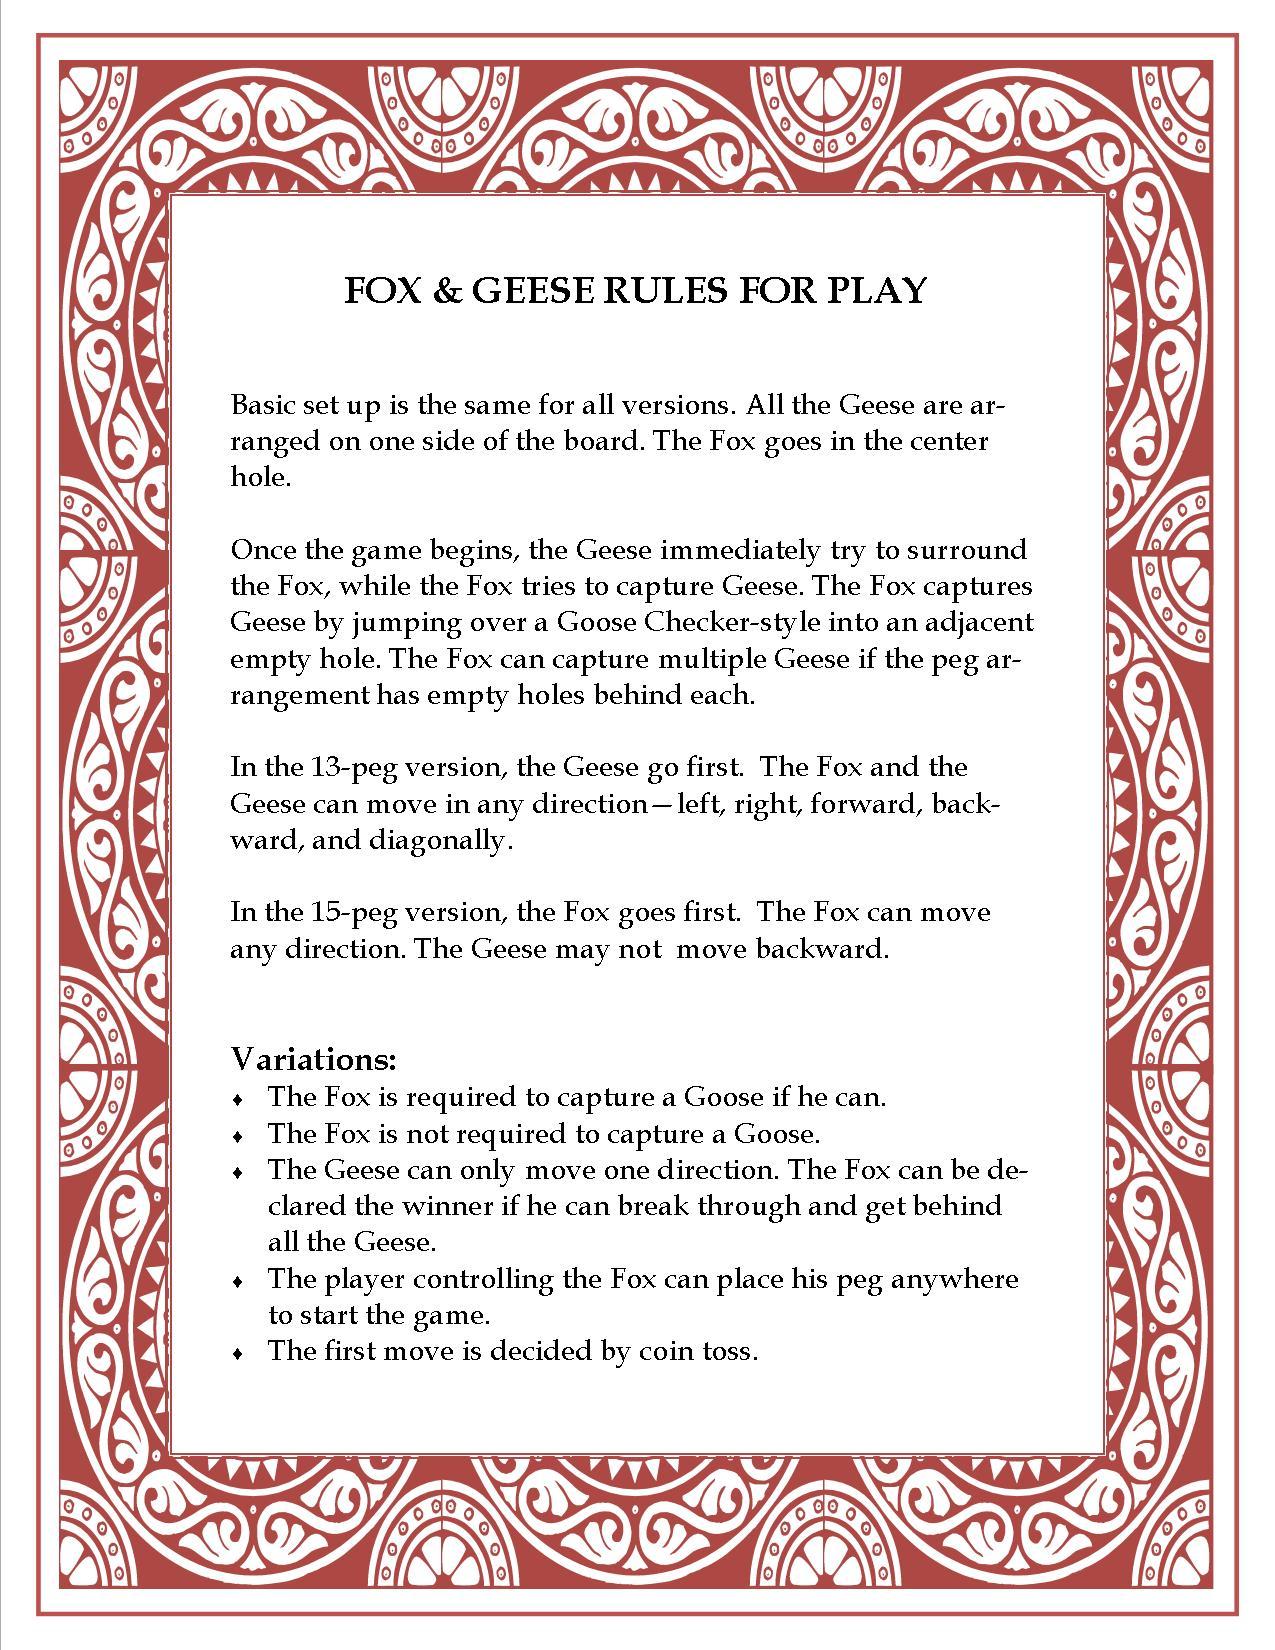 FoxAndGeeseRules.jpg